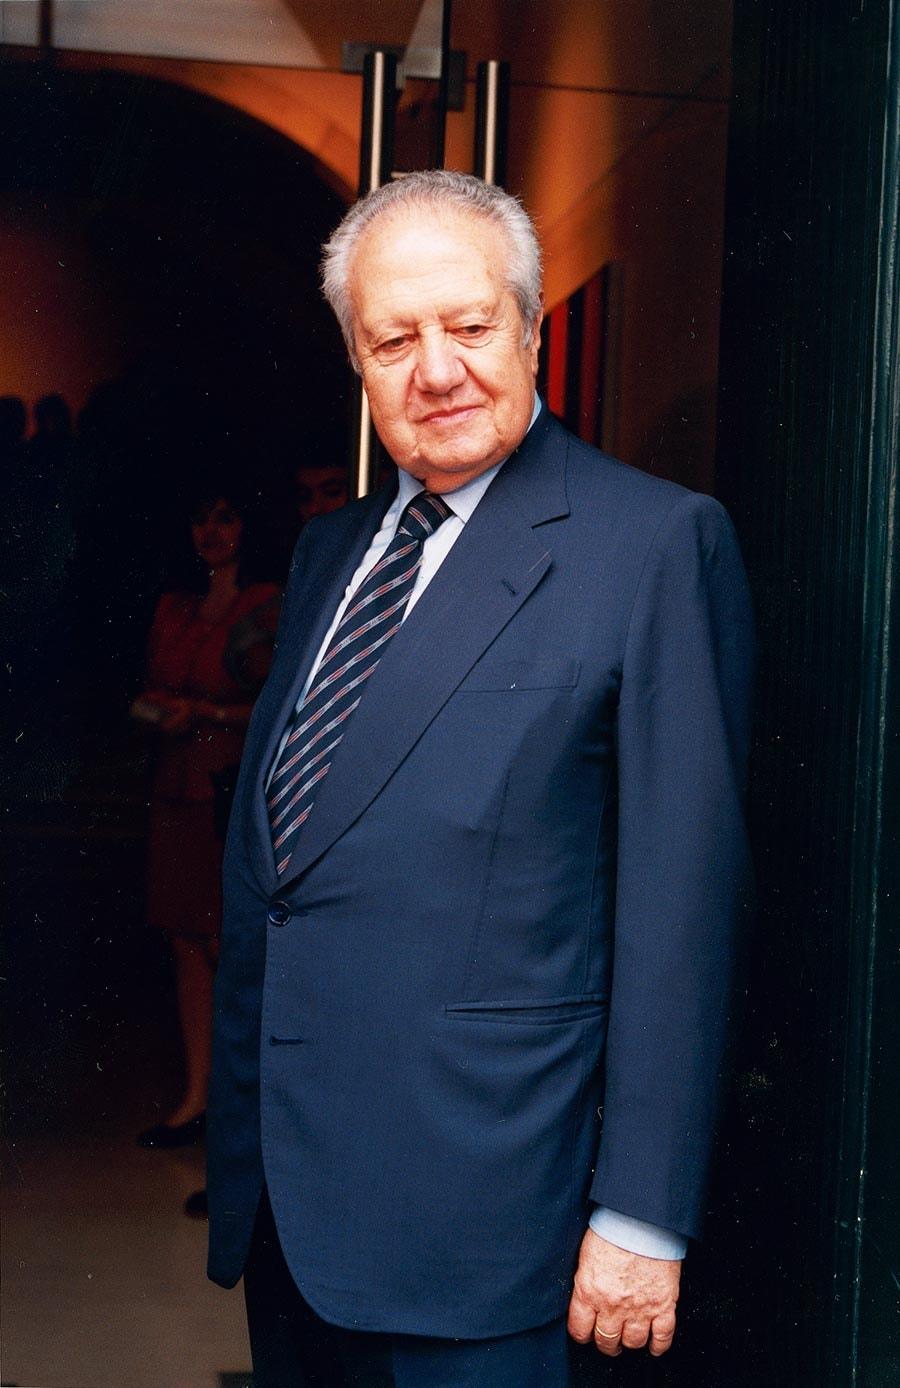 Fundação Mário Soares